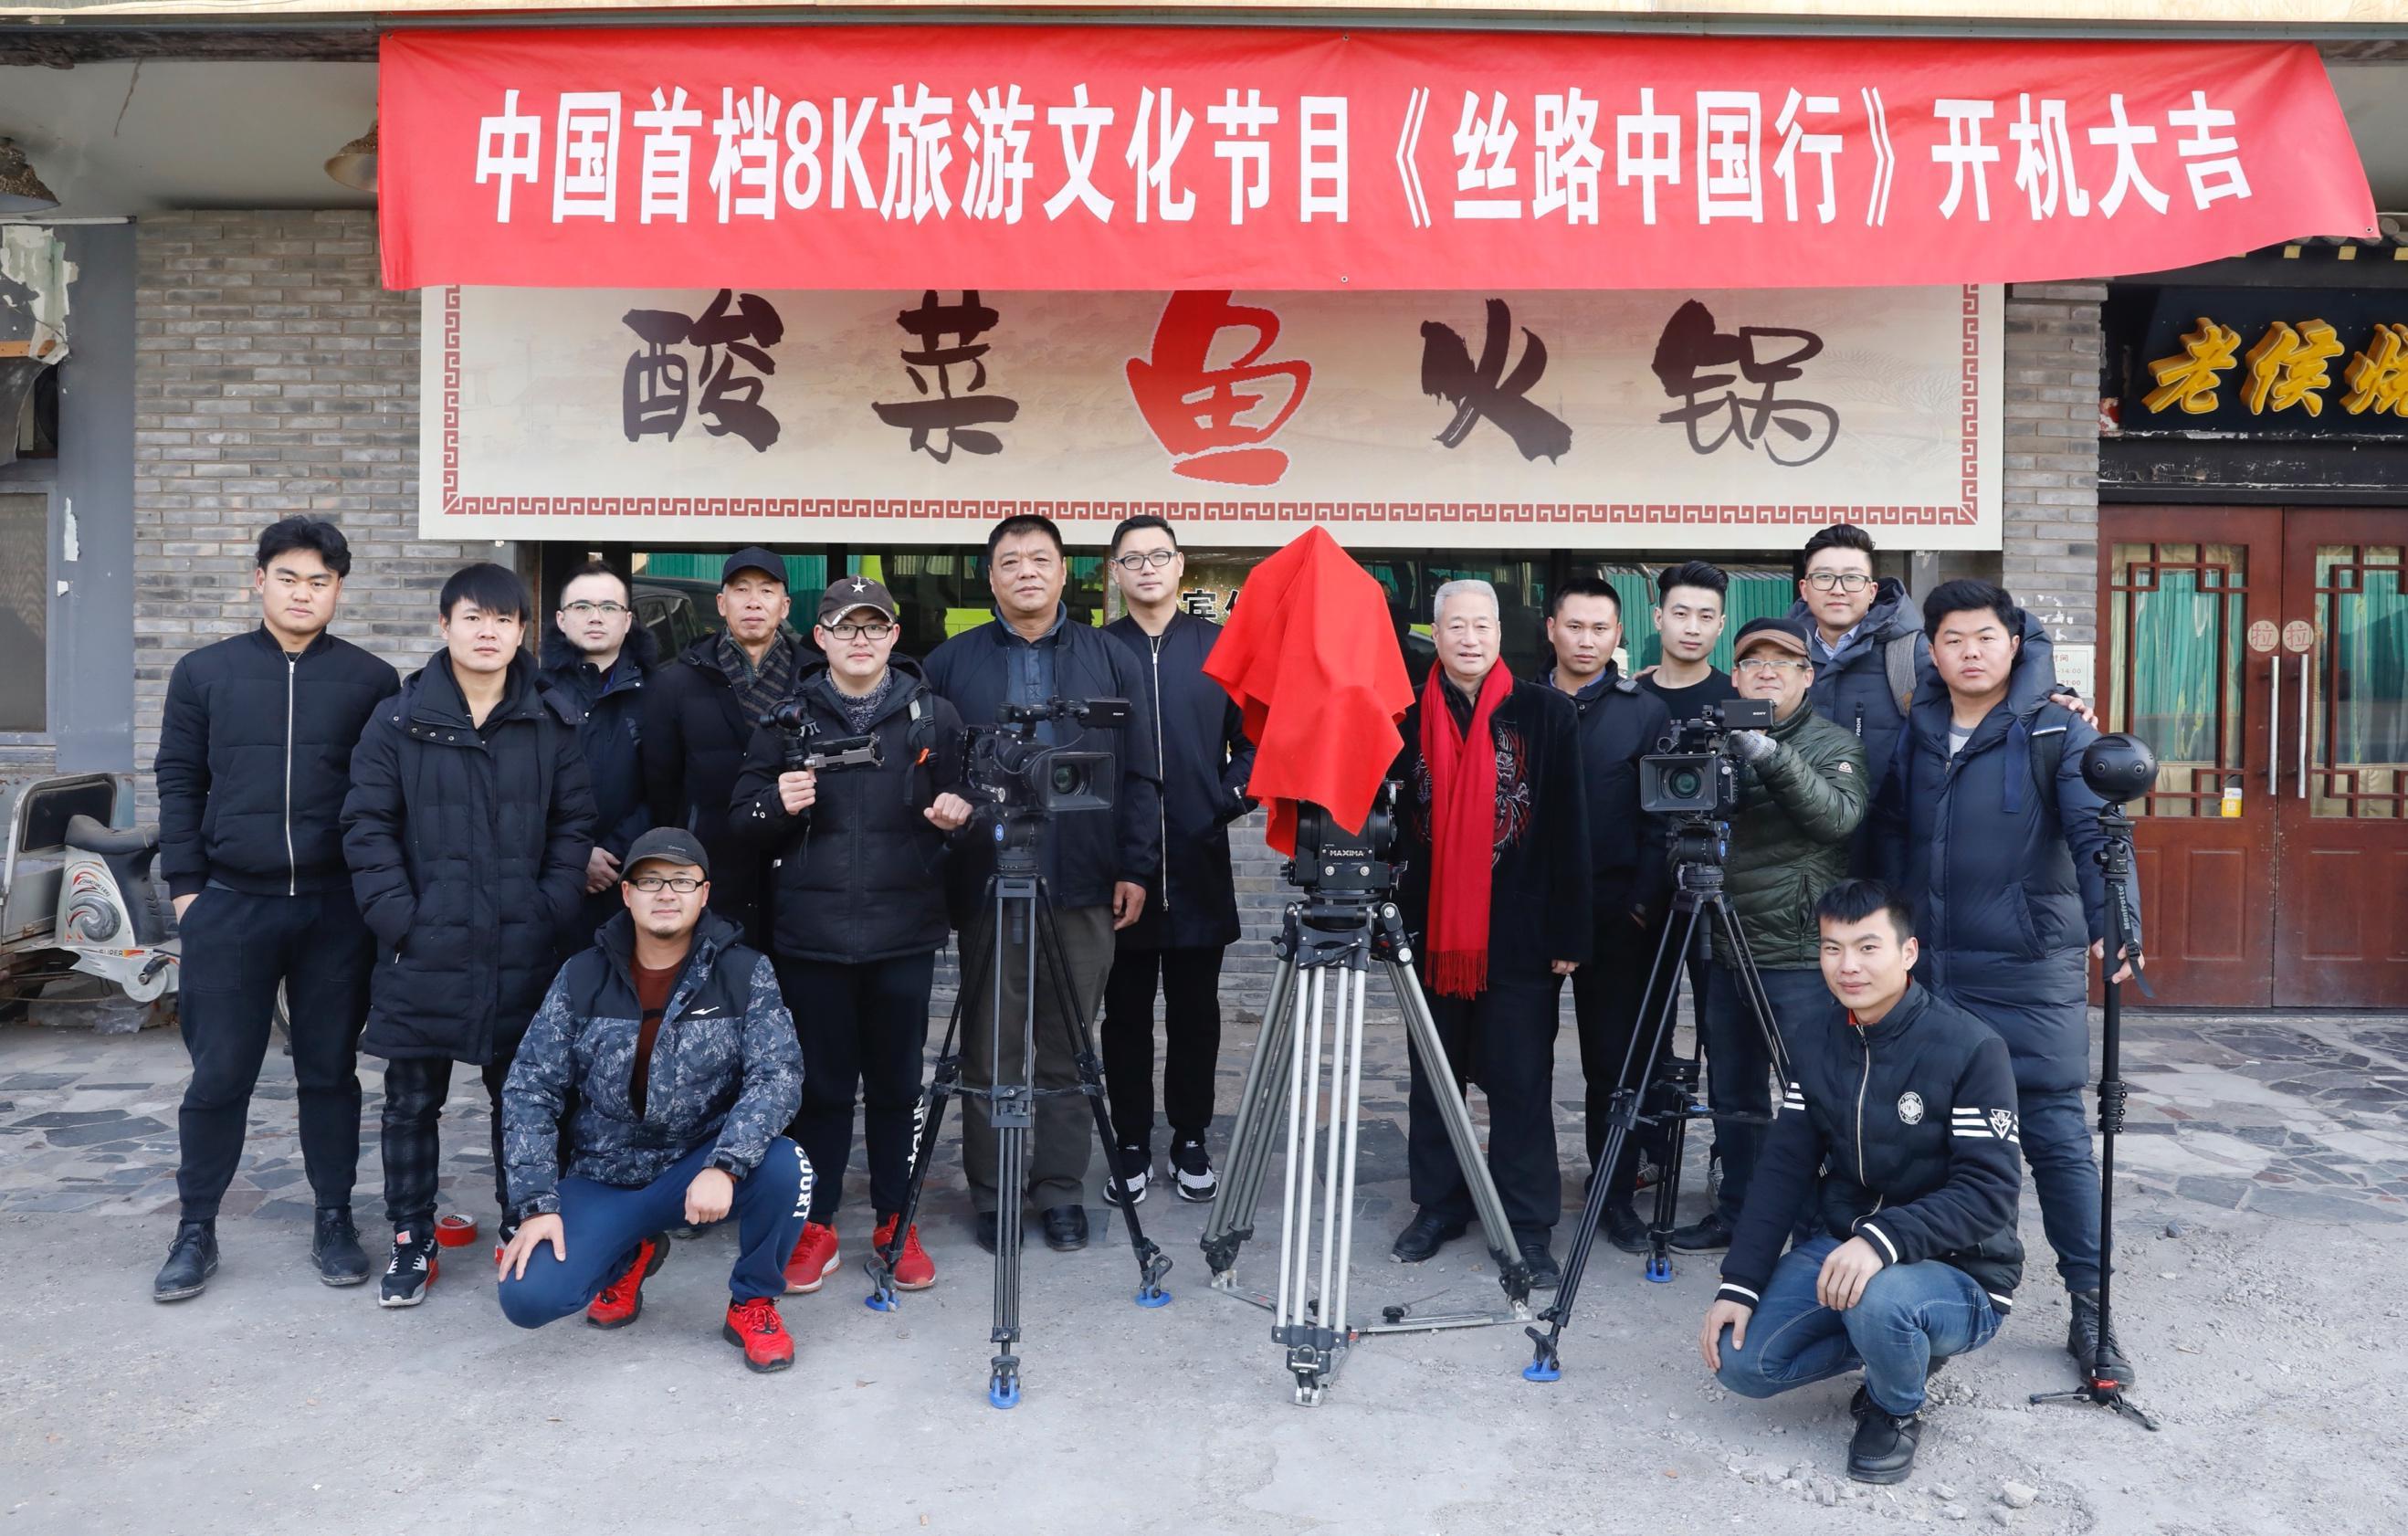 未来媒体发力4K\8K,中国首档8K大型人文纪录片《丝路中国行》开拍